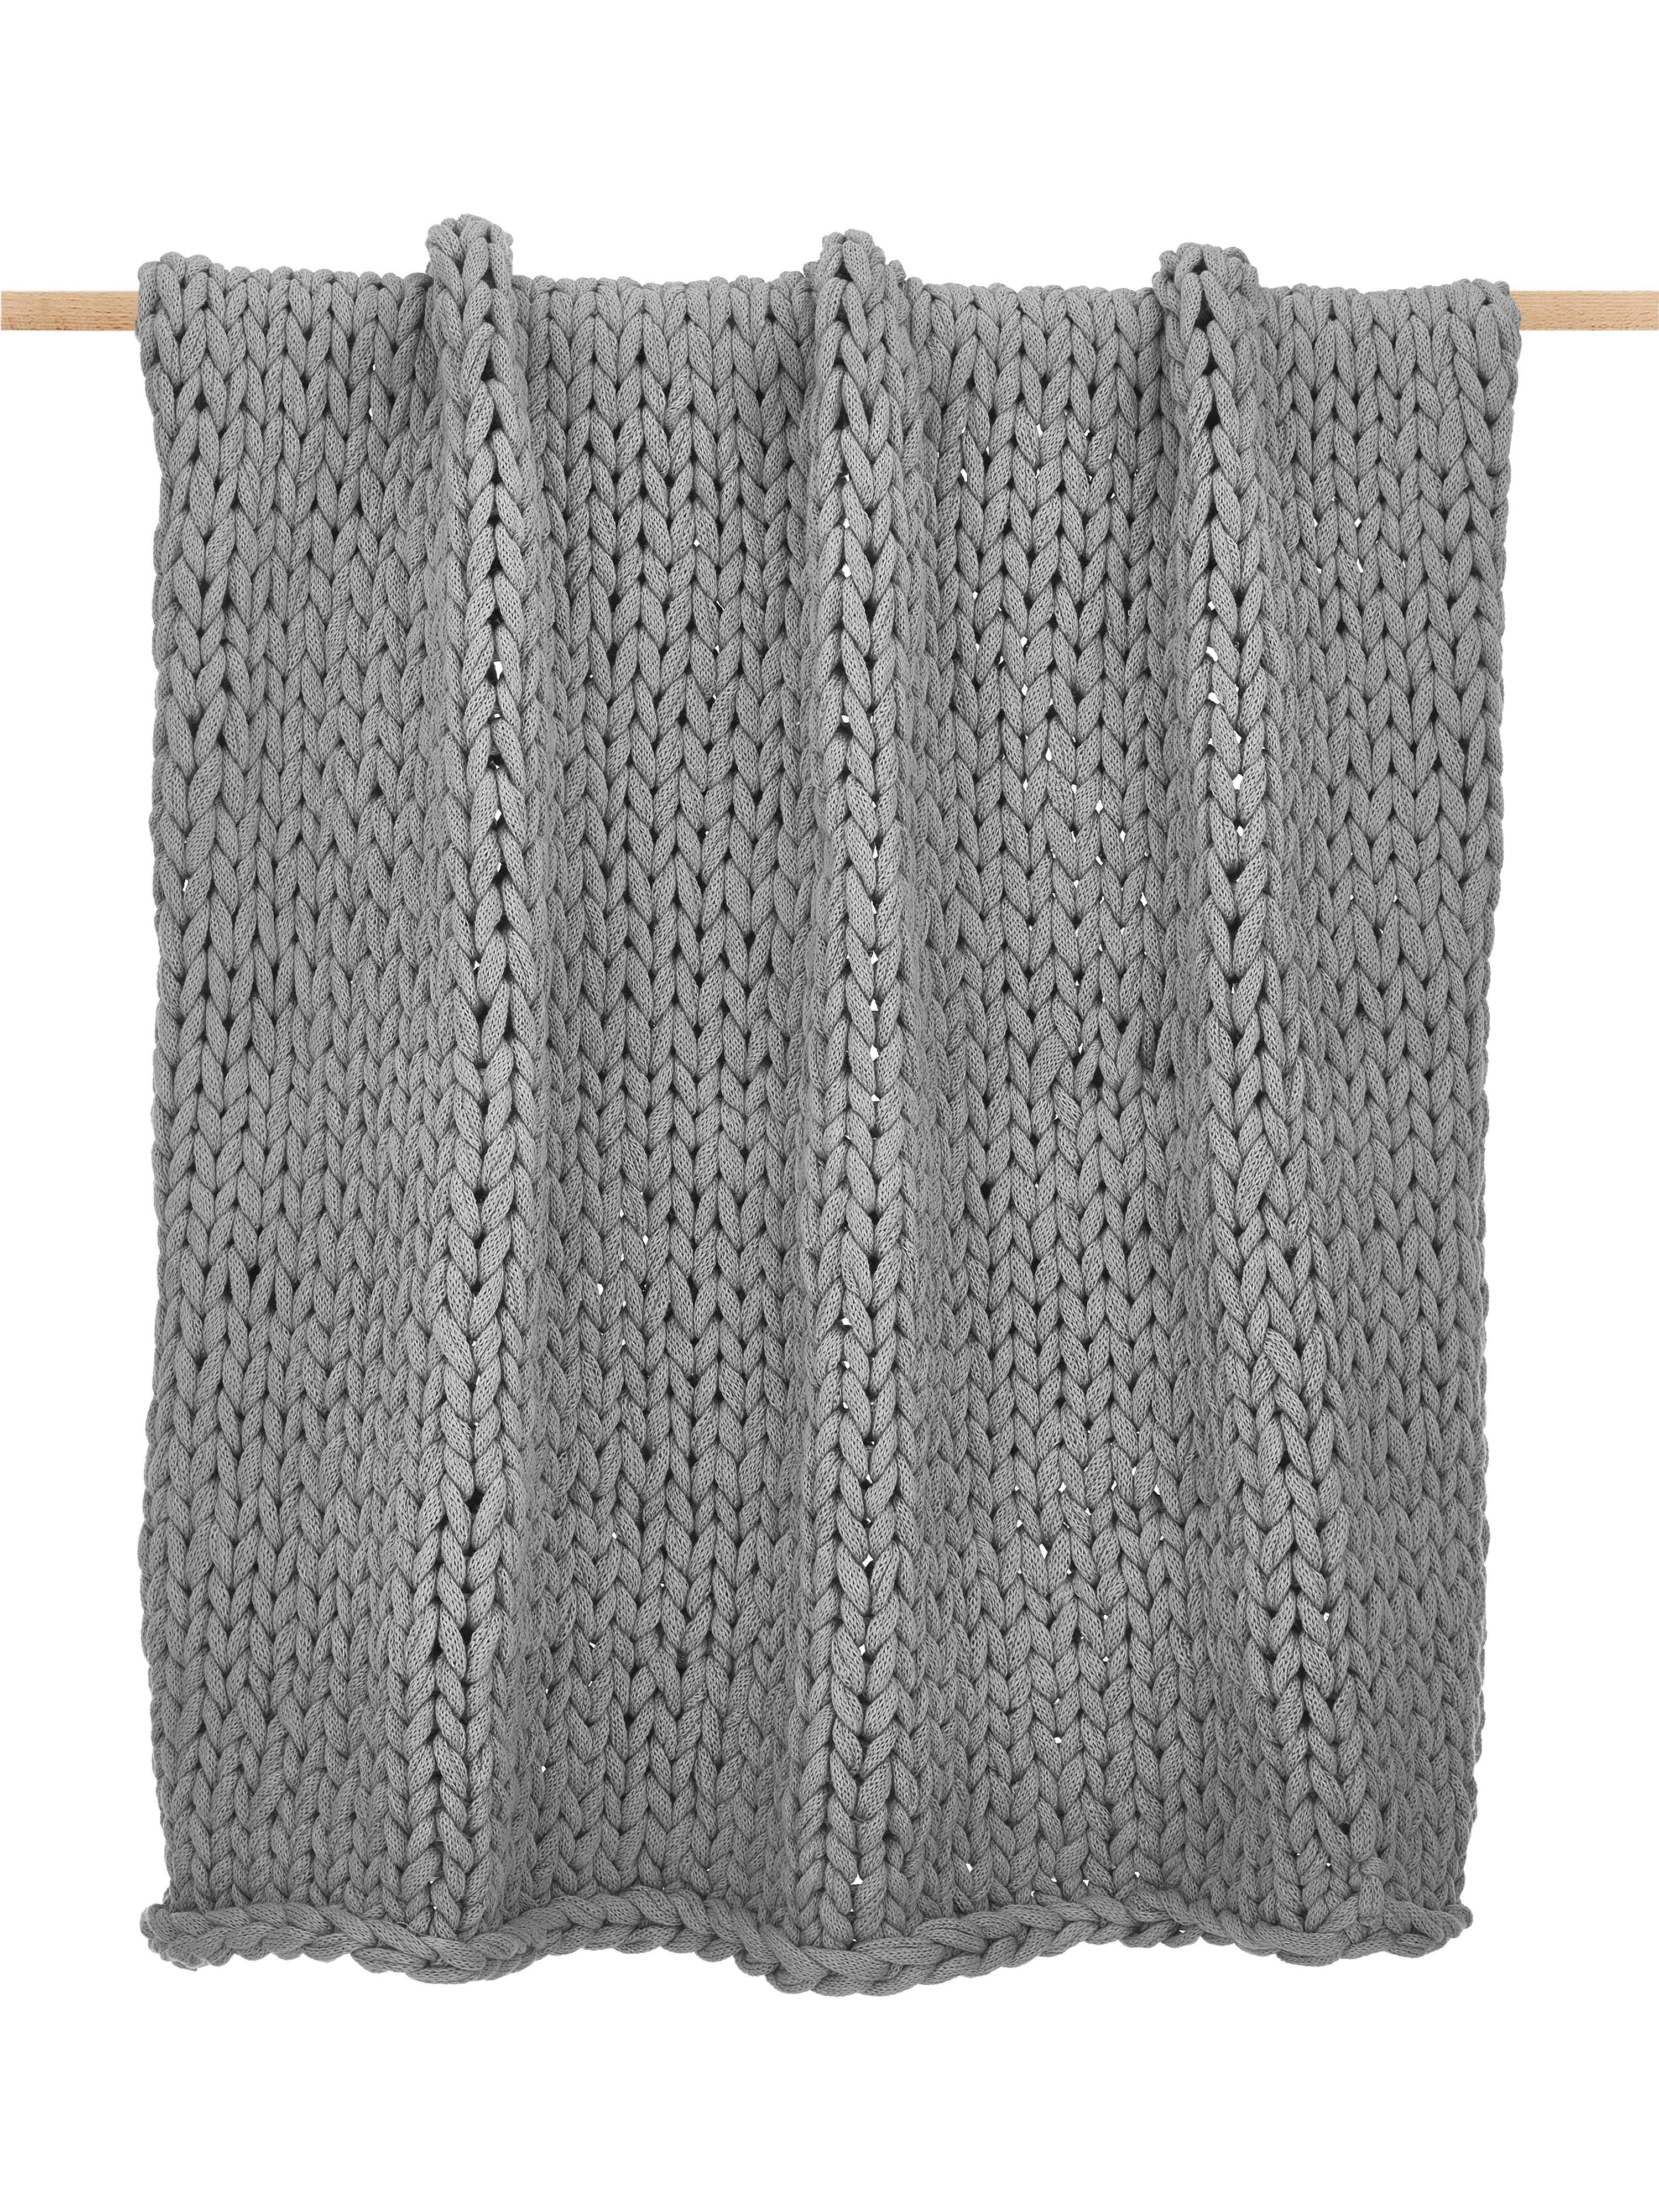 Grobstrick-Plaid Adyna in Hellgrau, 100% Polyacryl, Hellgrau, 130 x 170 cm